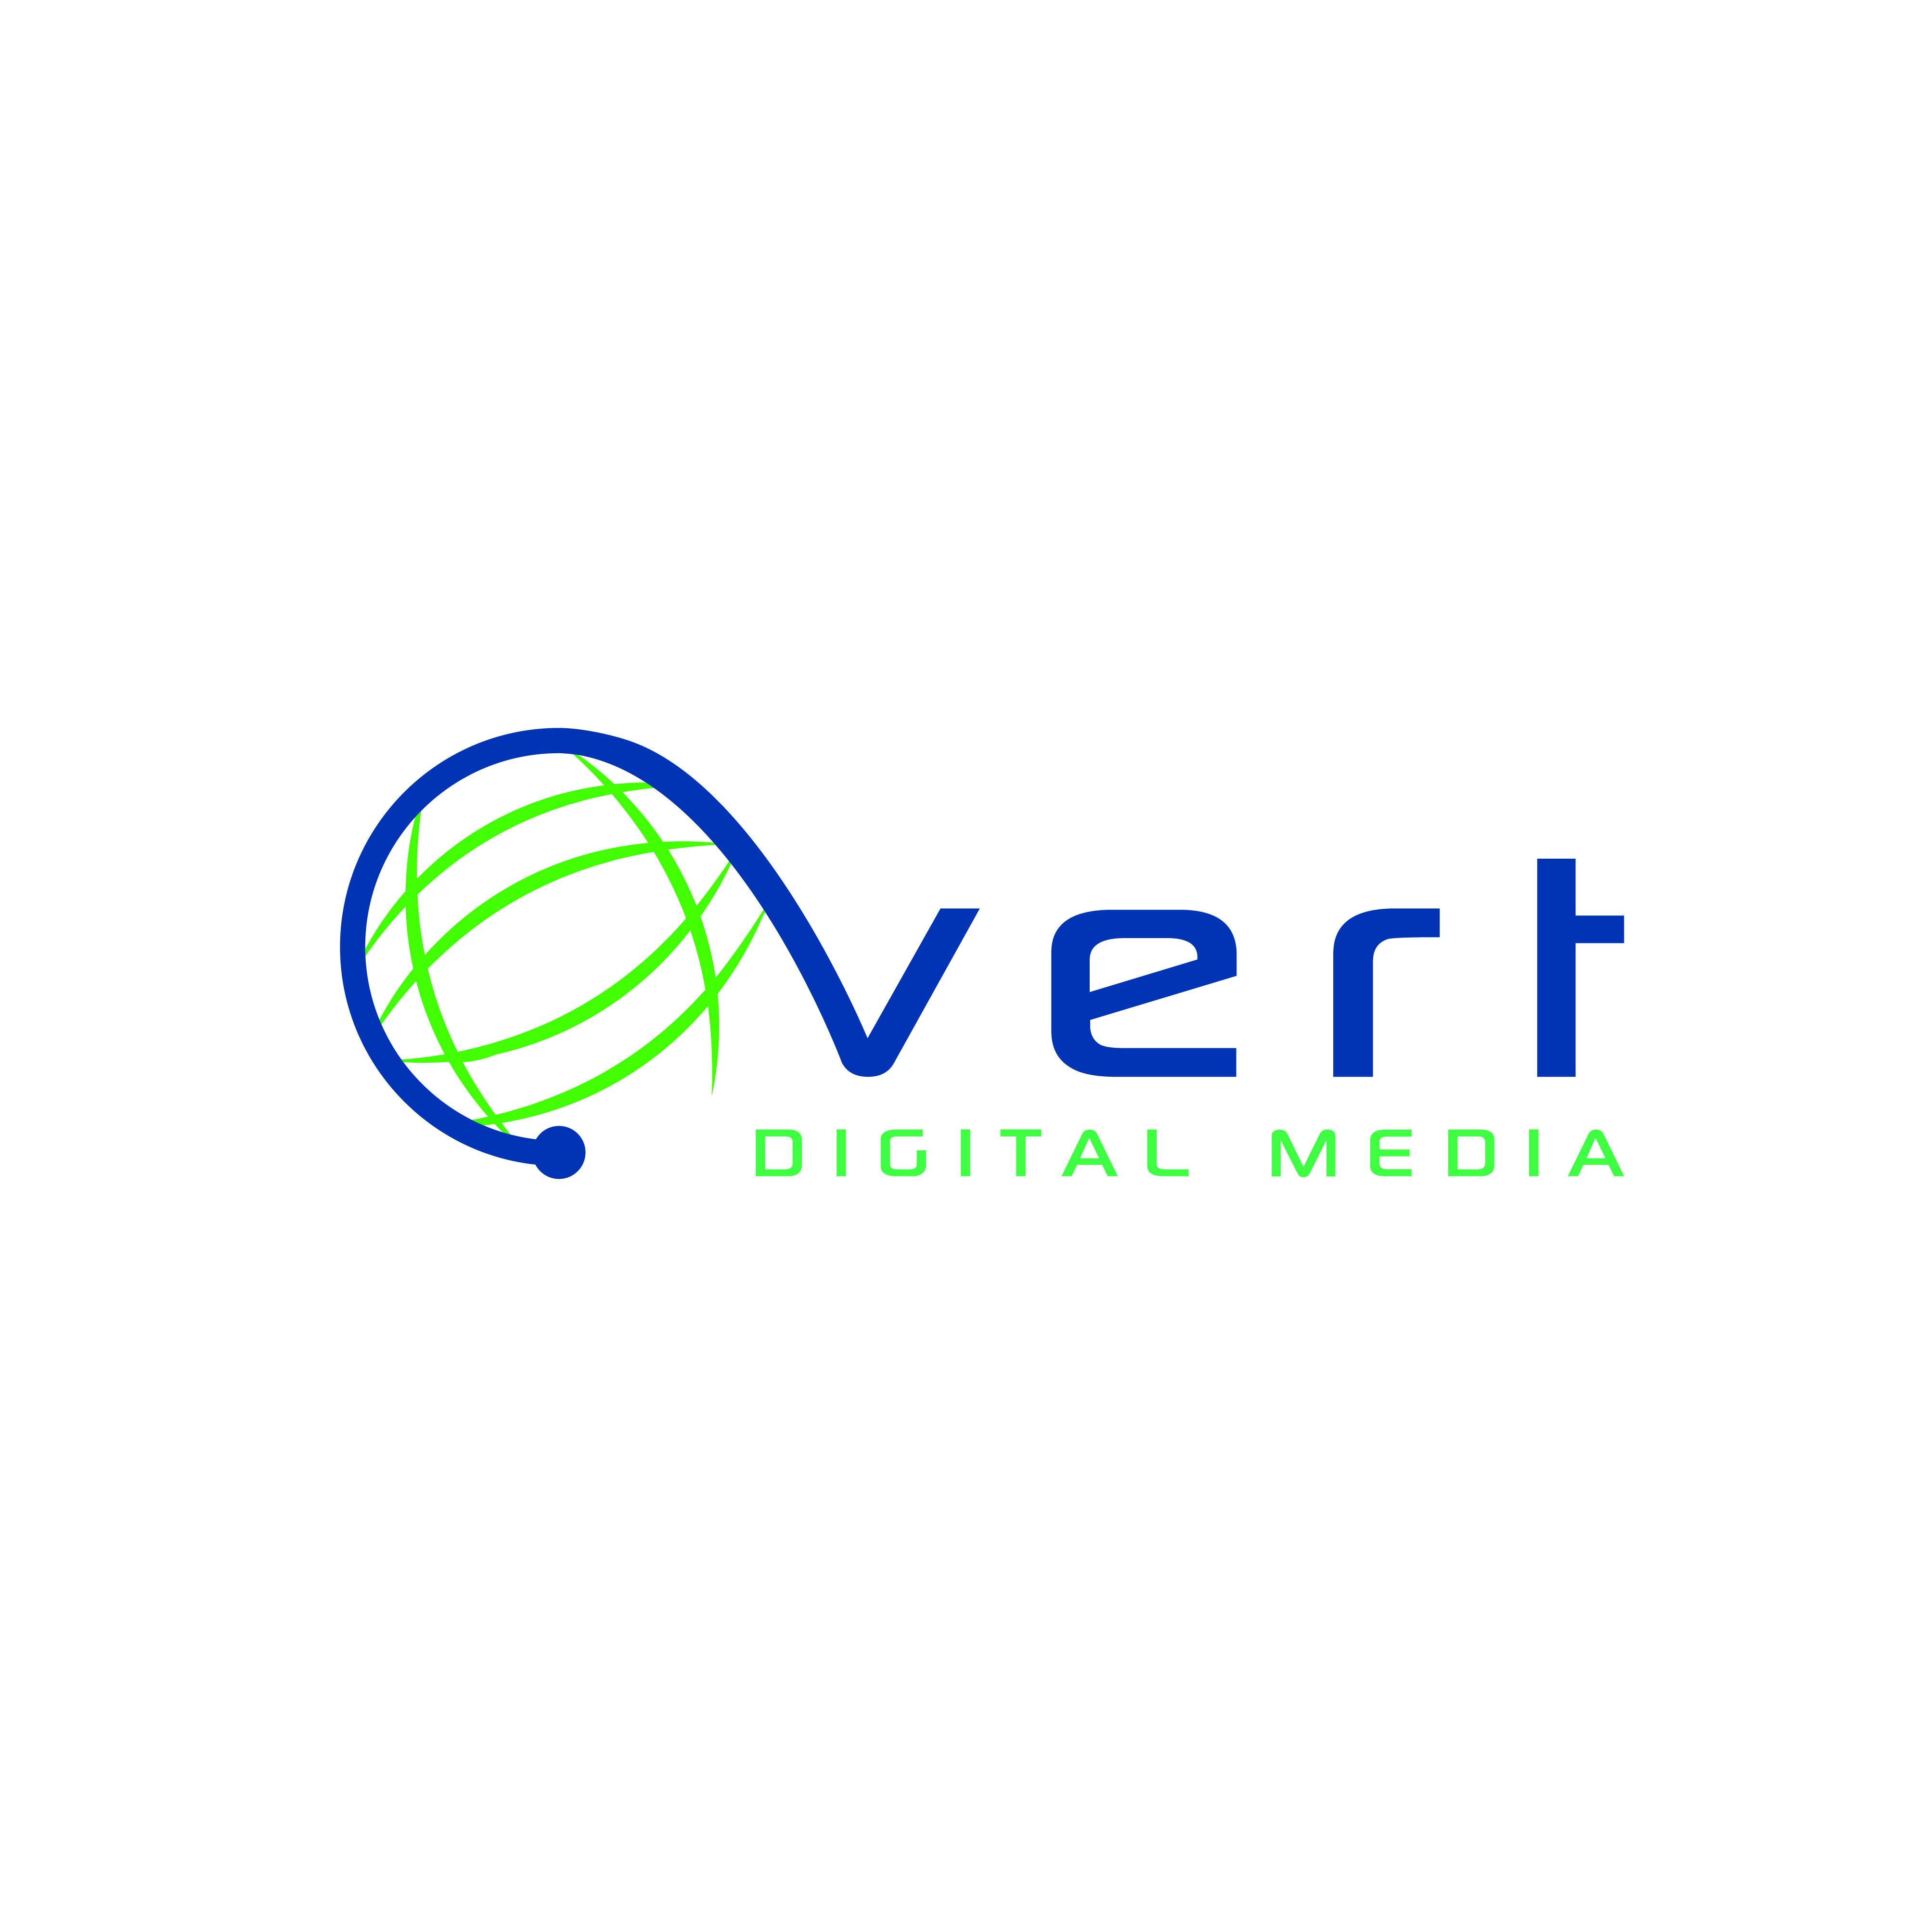 Overt Digital Media Limited logo